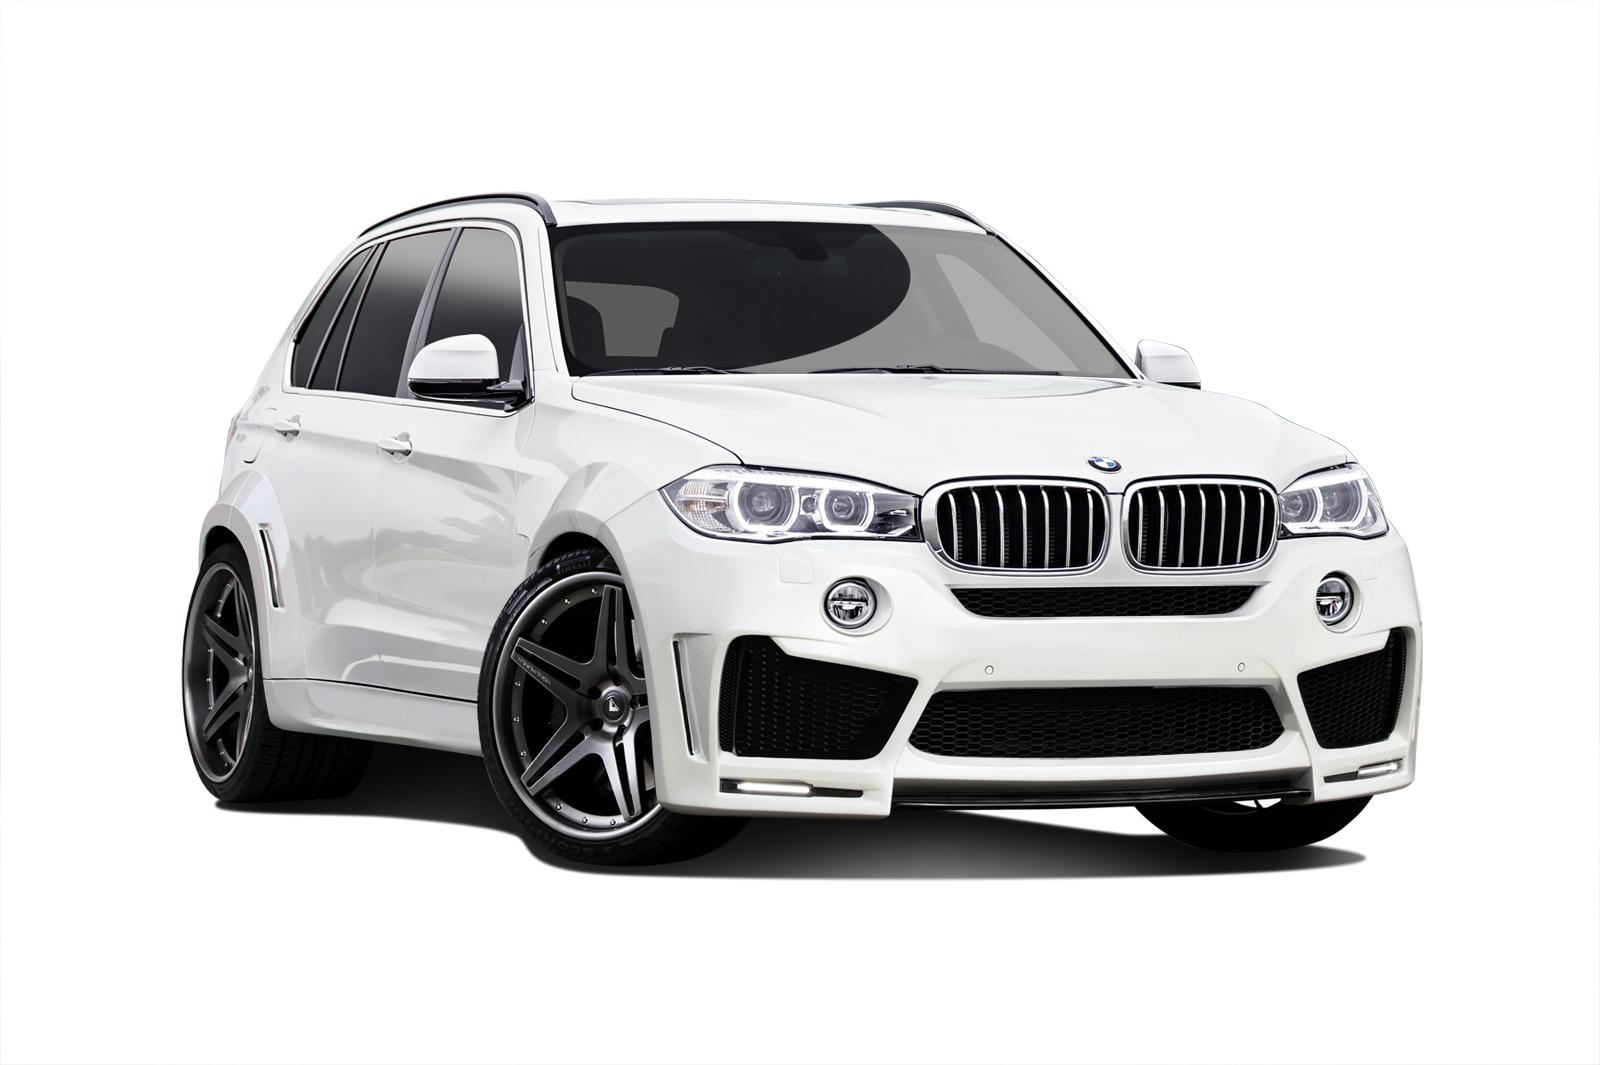 2014-2015 BMW X5 F15 Carbon AF-1 Wide Body Kit - 22 Piece